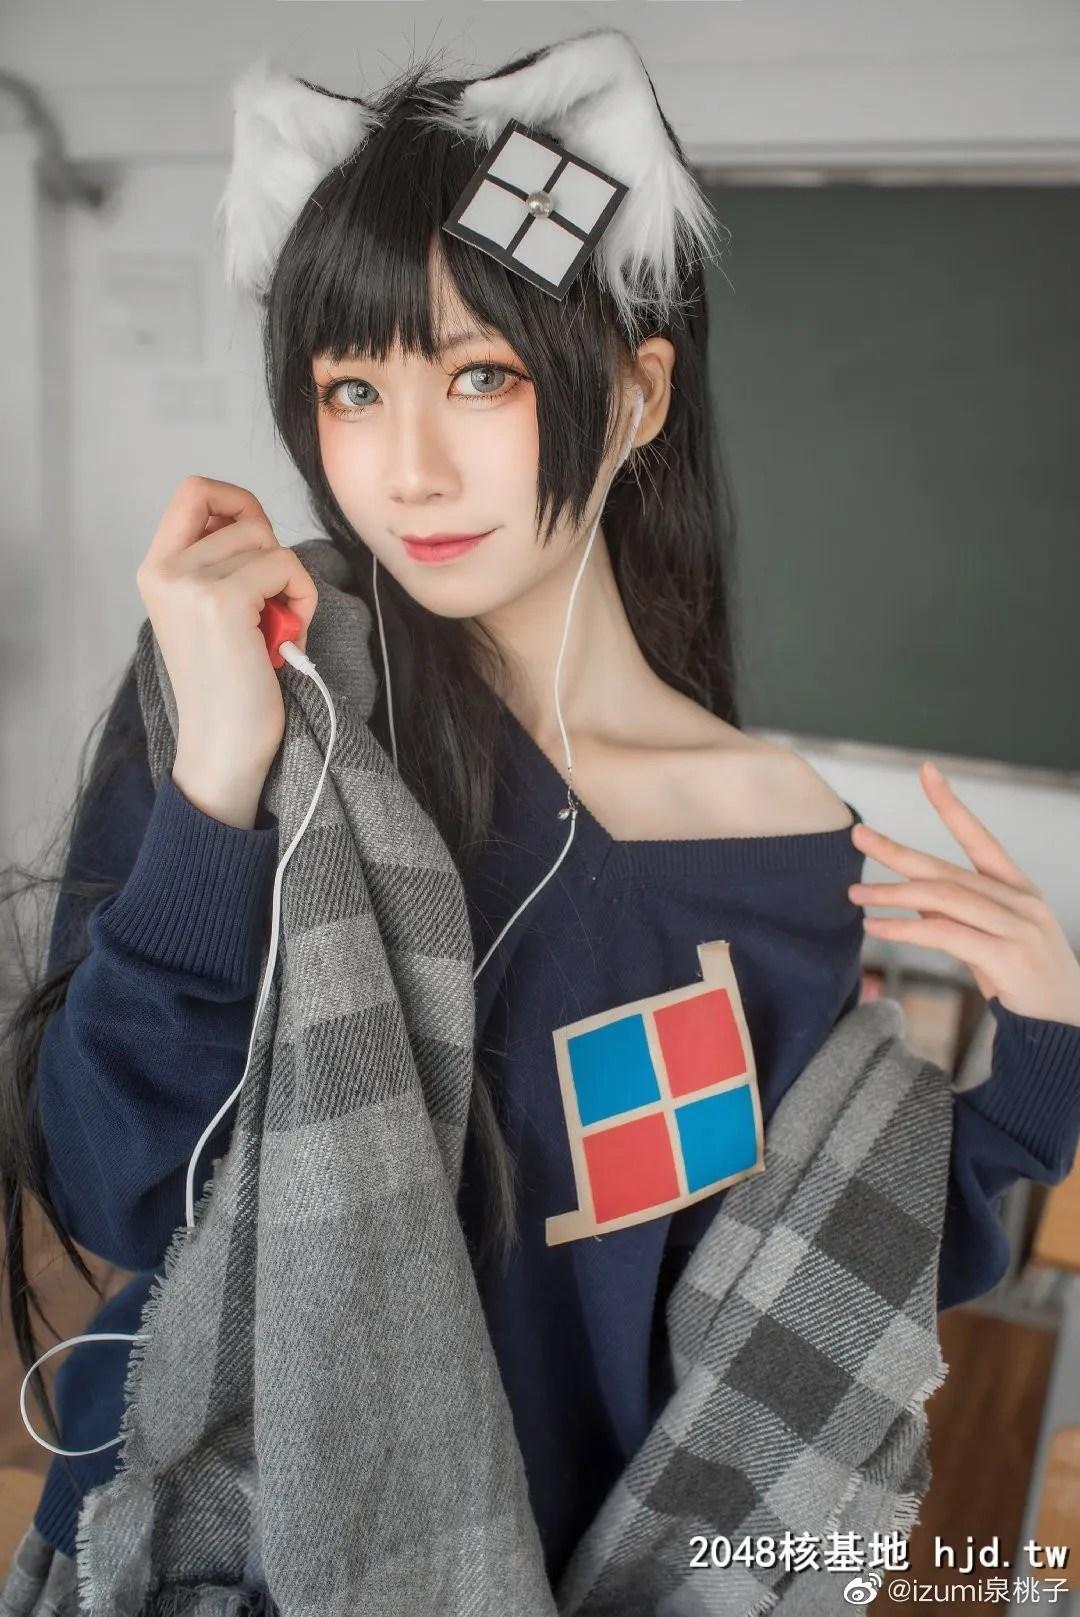 少女前线95式-纯白毕业季@izumi泉桃子 (9P)插图(4)